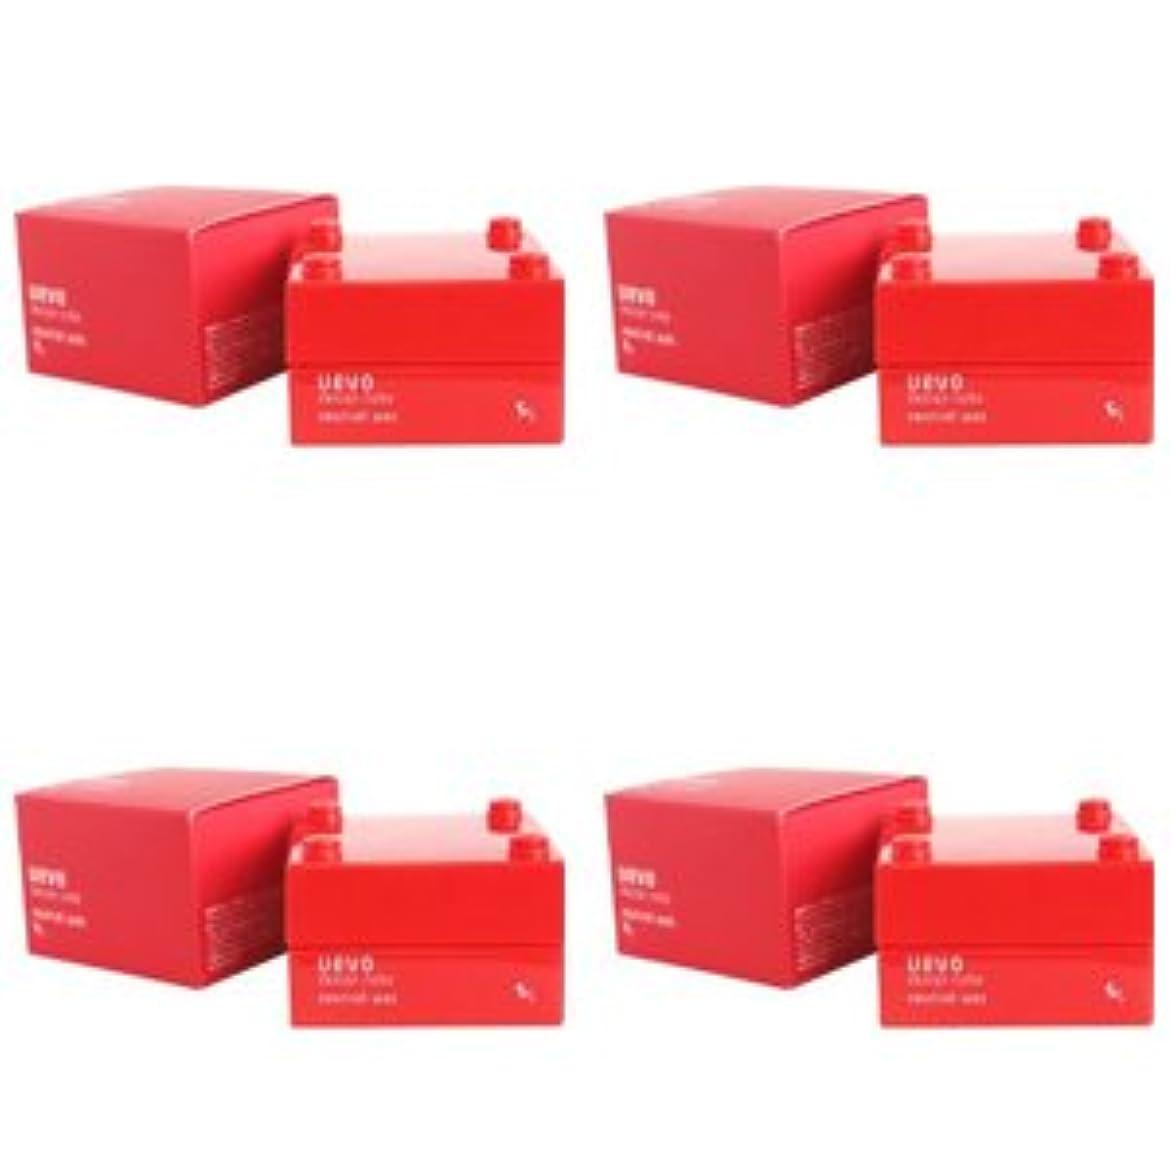 腹左目指す【X4個セット】 デミ ウェーボ デザインキューブ ニュートラルワックス 30g neutral wax DEMI uevo design cube